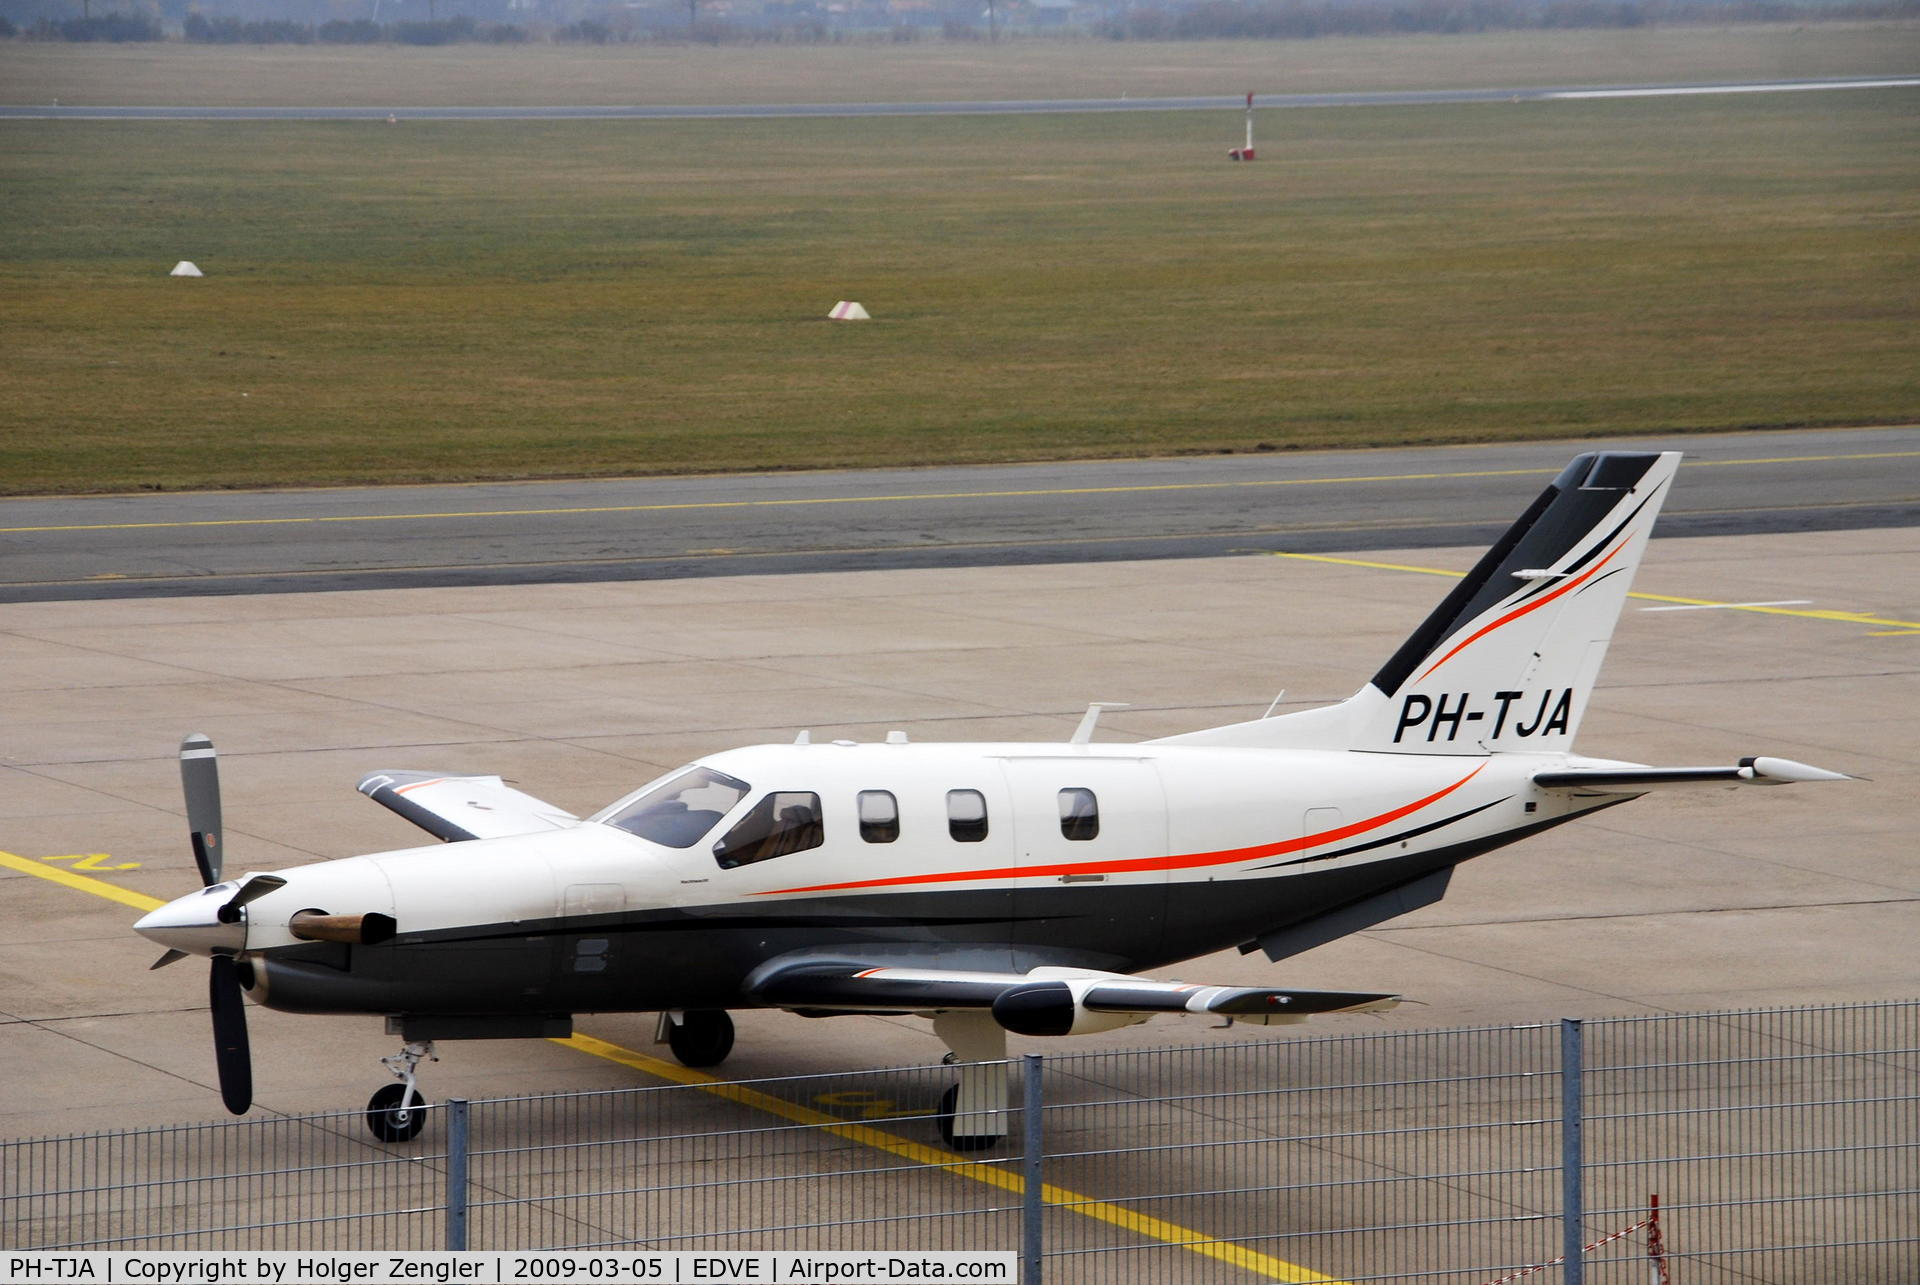 PH-TJA, 2007 Socata TBM-850 C/N 428, Socata TBM-700